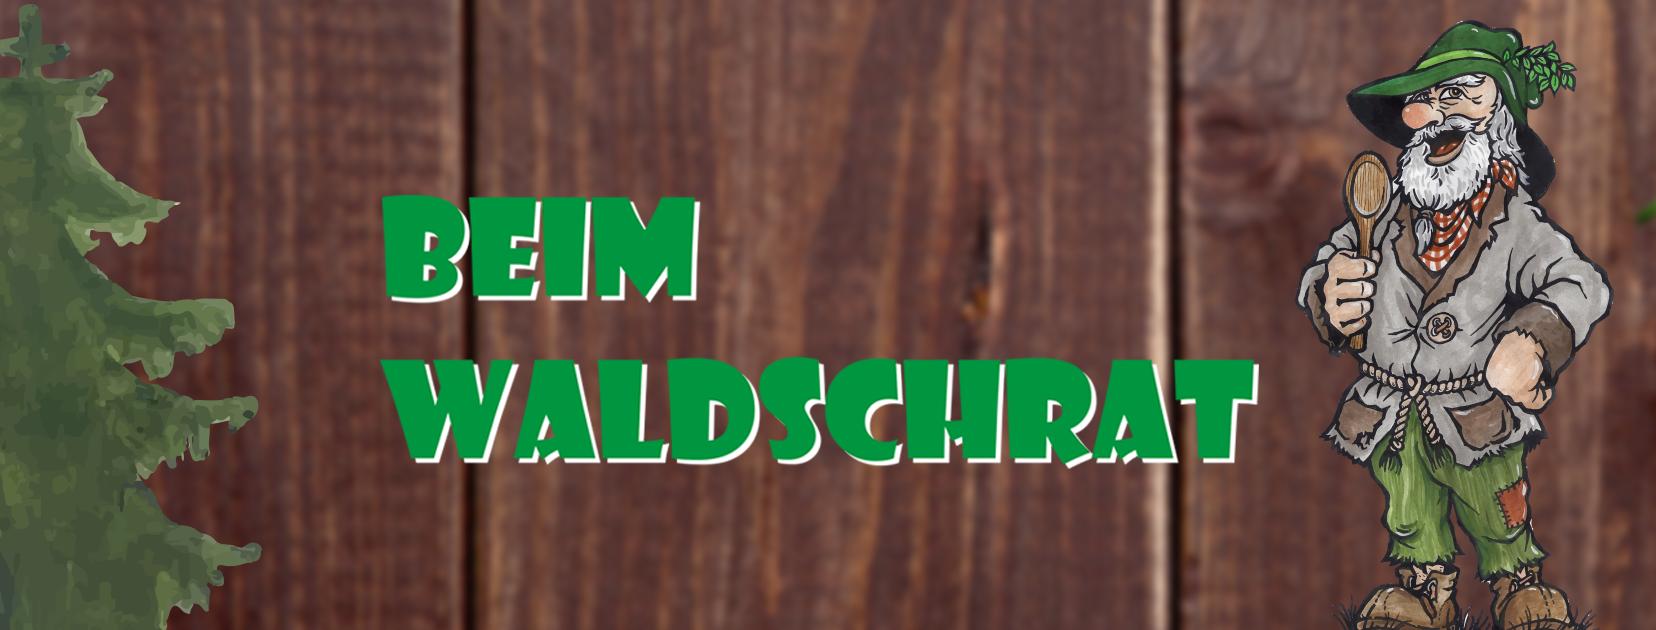 Termine | Beim Waldschrat Oberhof